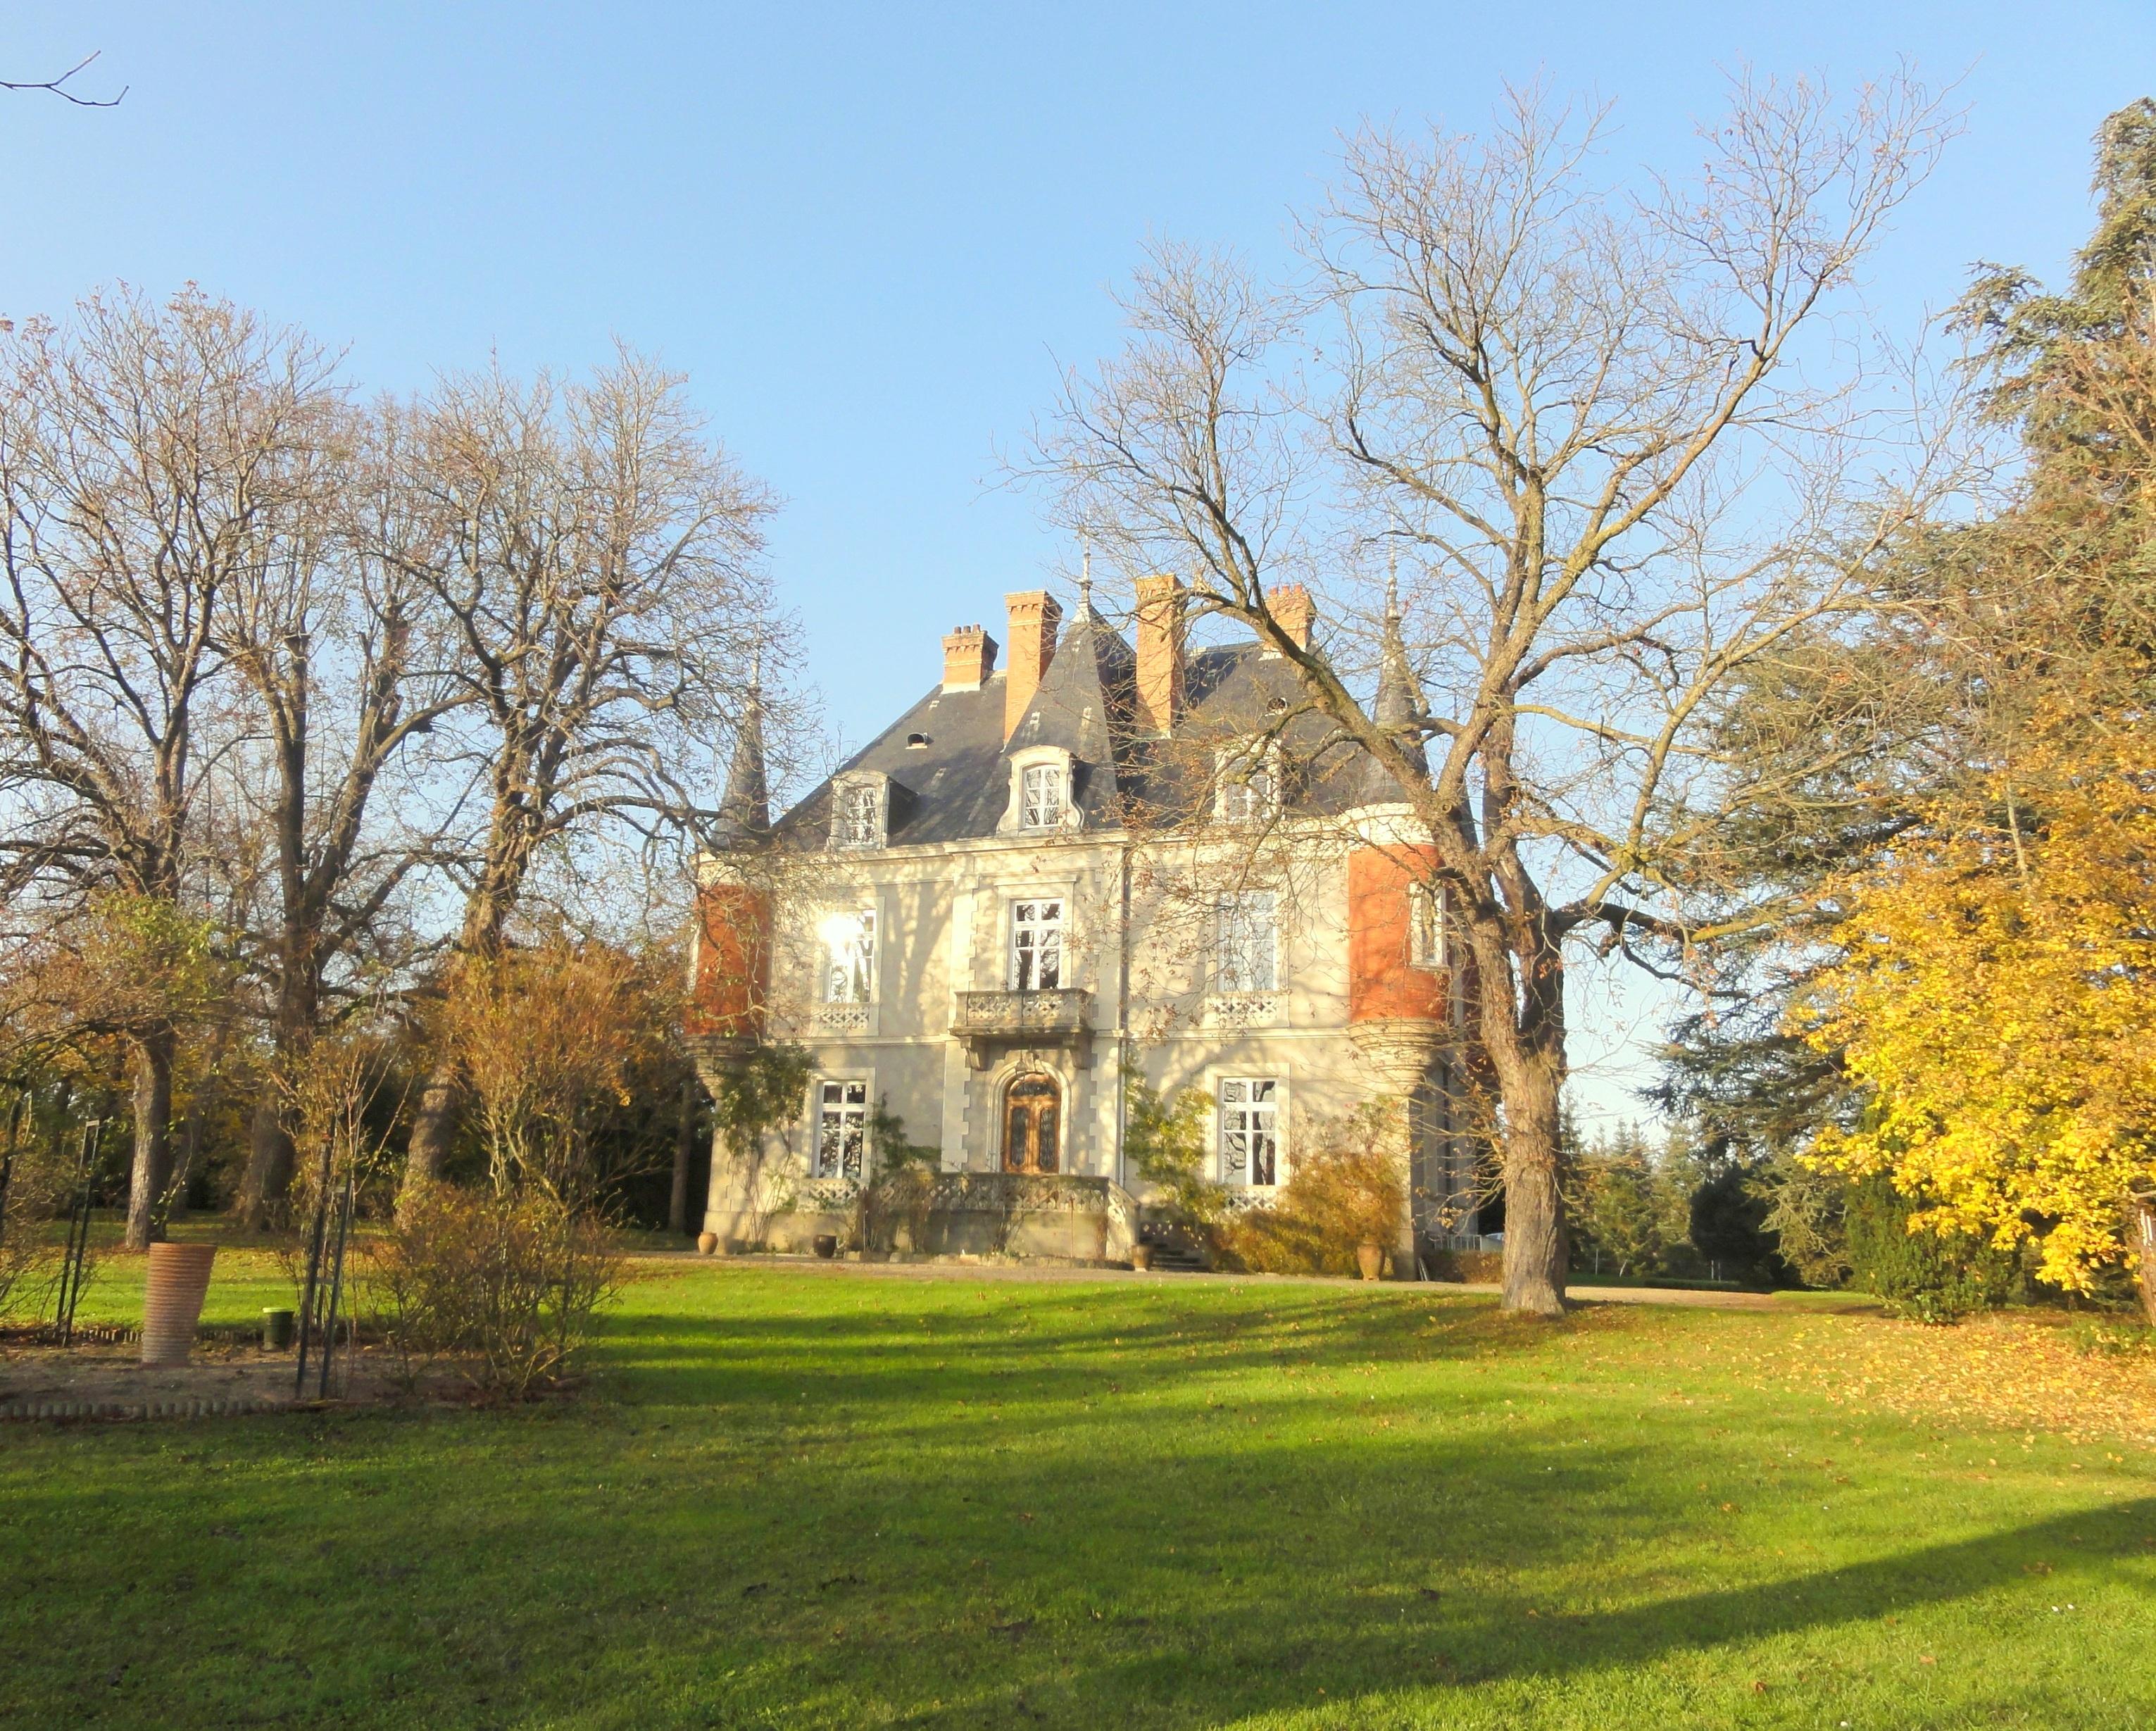 Single Family Home for Sale at DEMEURE DE CHARME POUR AMOUREUX D'ARTS EQUESTRES PLAINE DU FOREZ Other Rhone-Alpes, Rhone-Alpes 42130 France